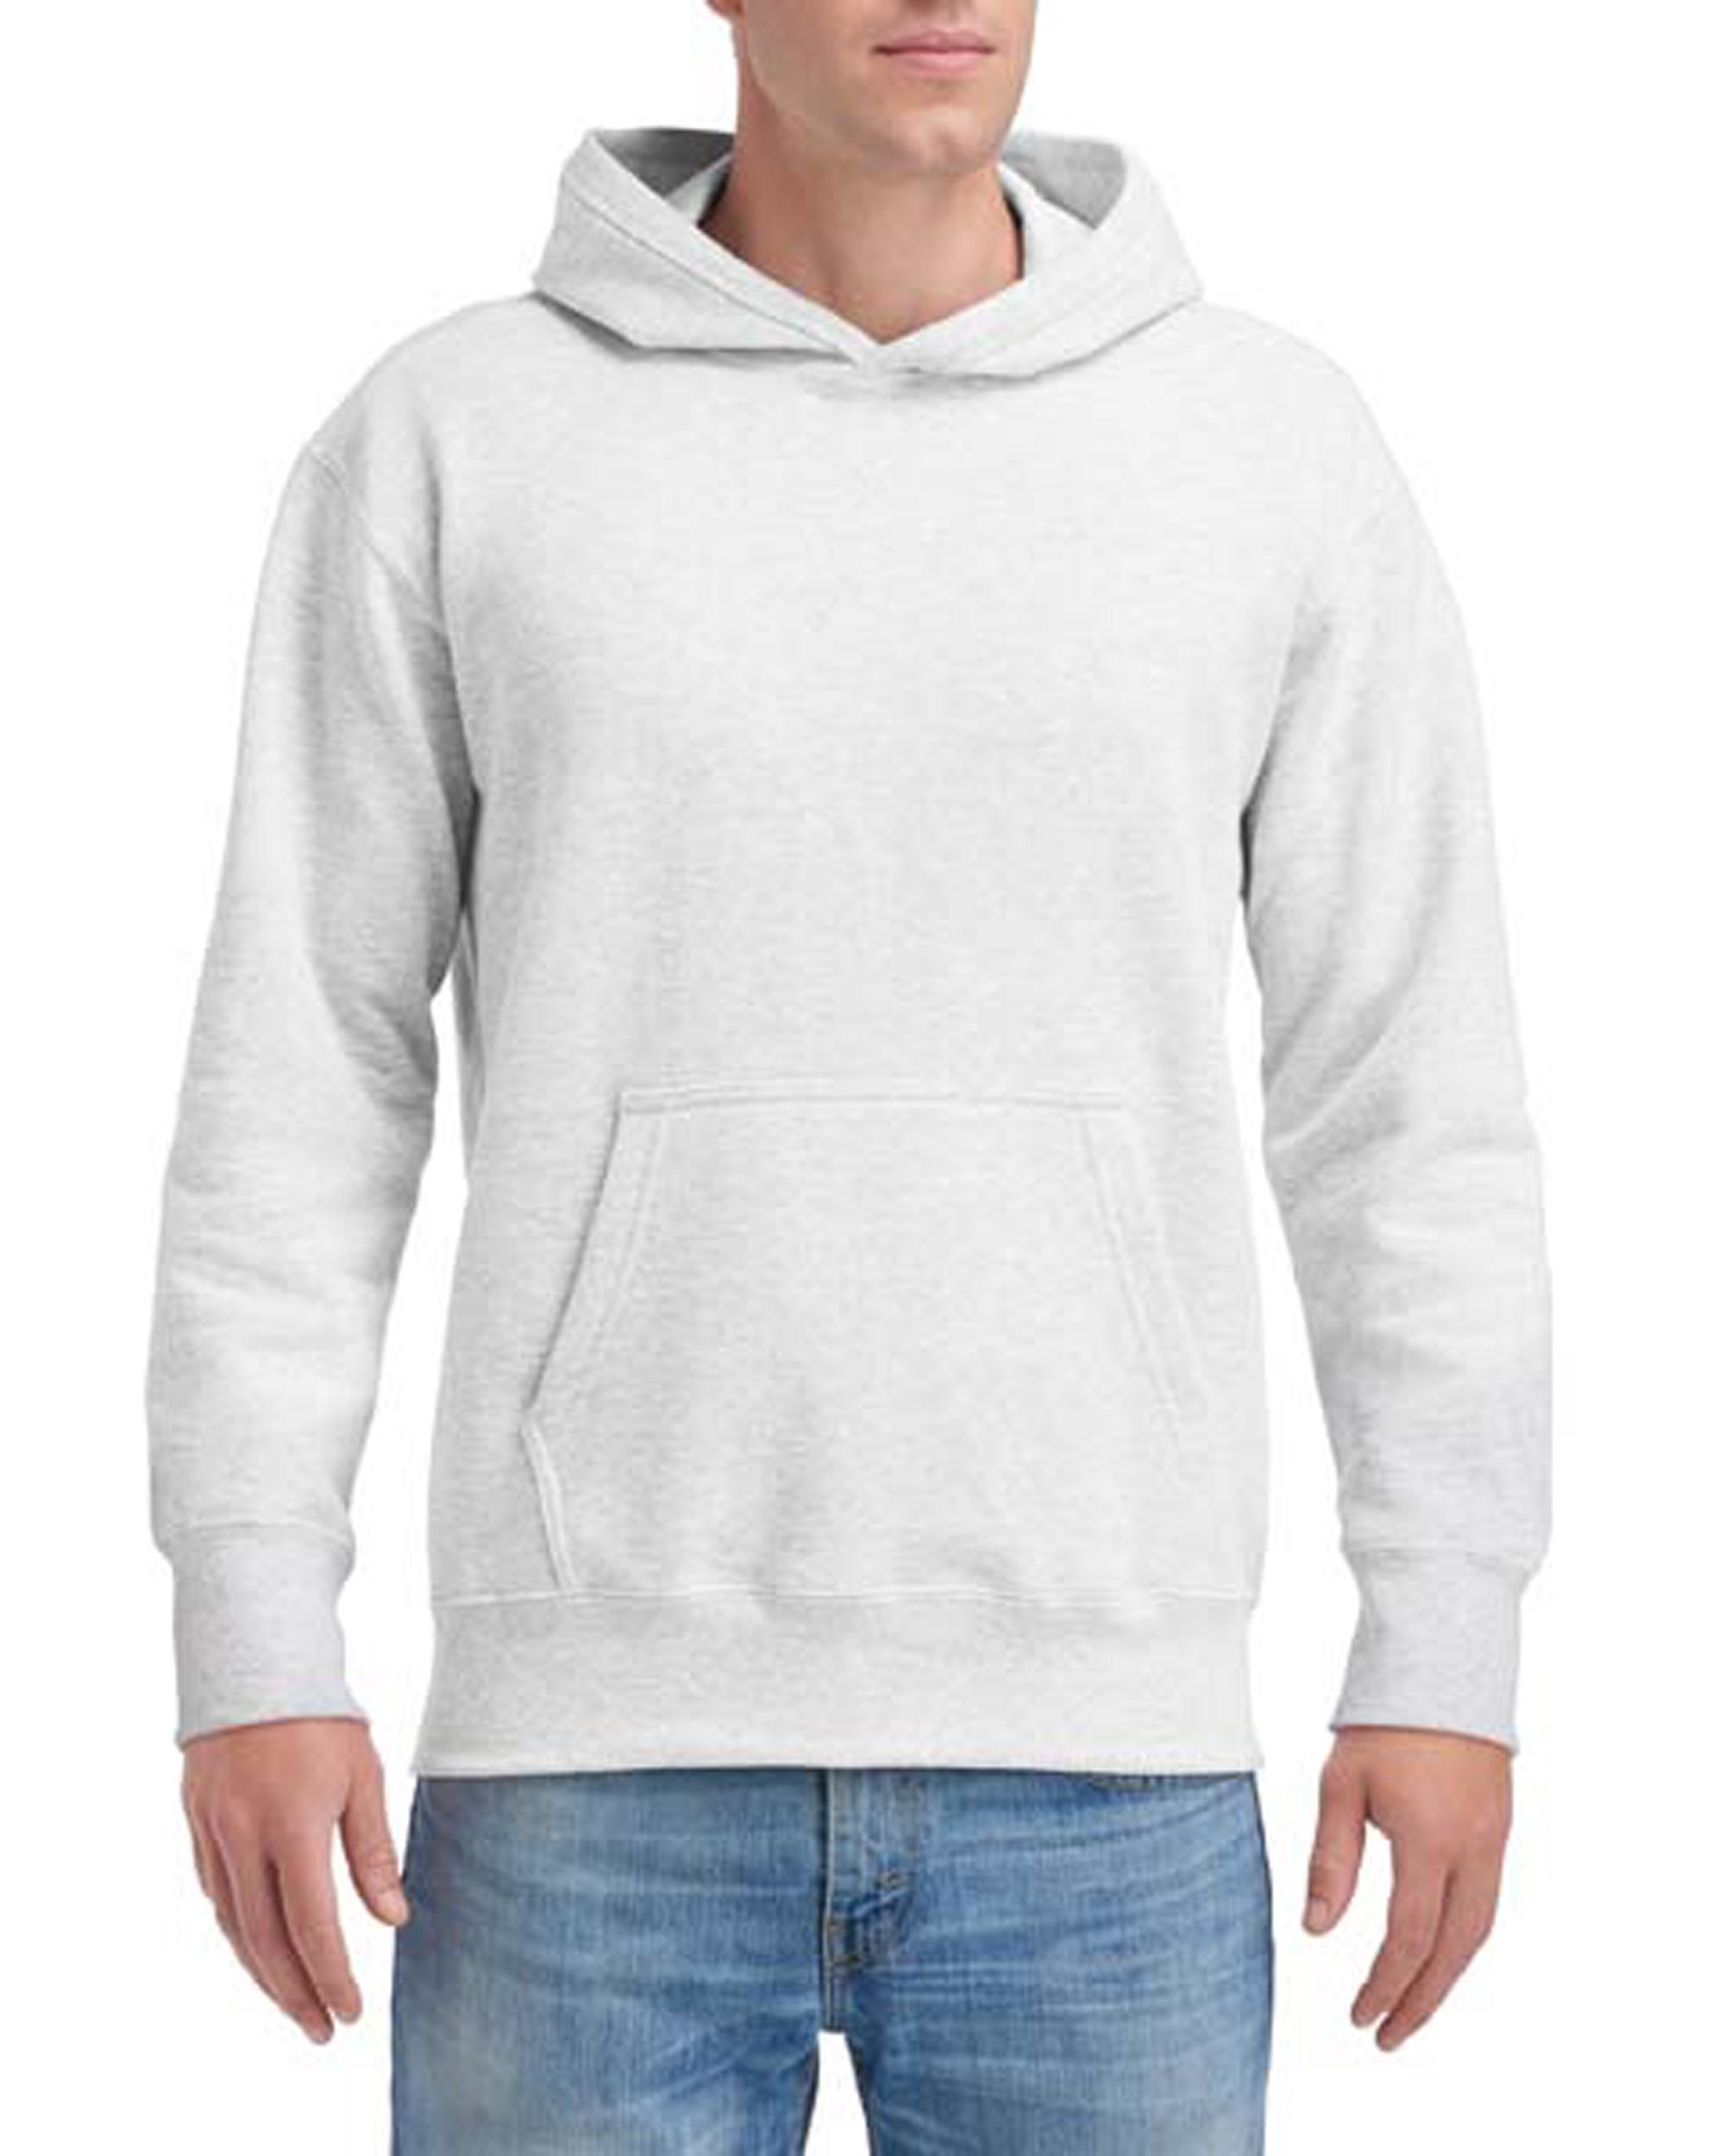 Gildan HF500 - Hammer Adult Hooded Sweatshirt